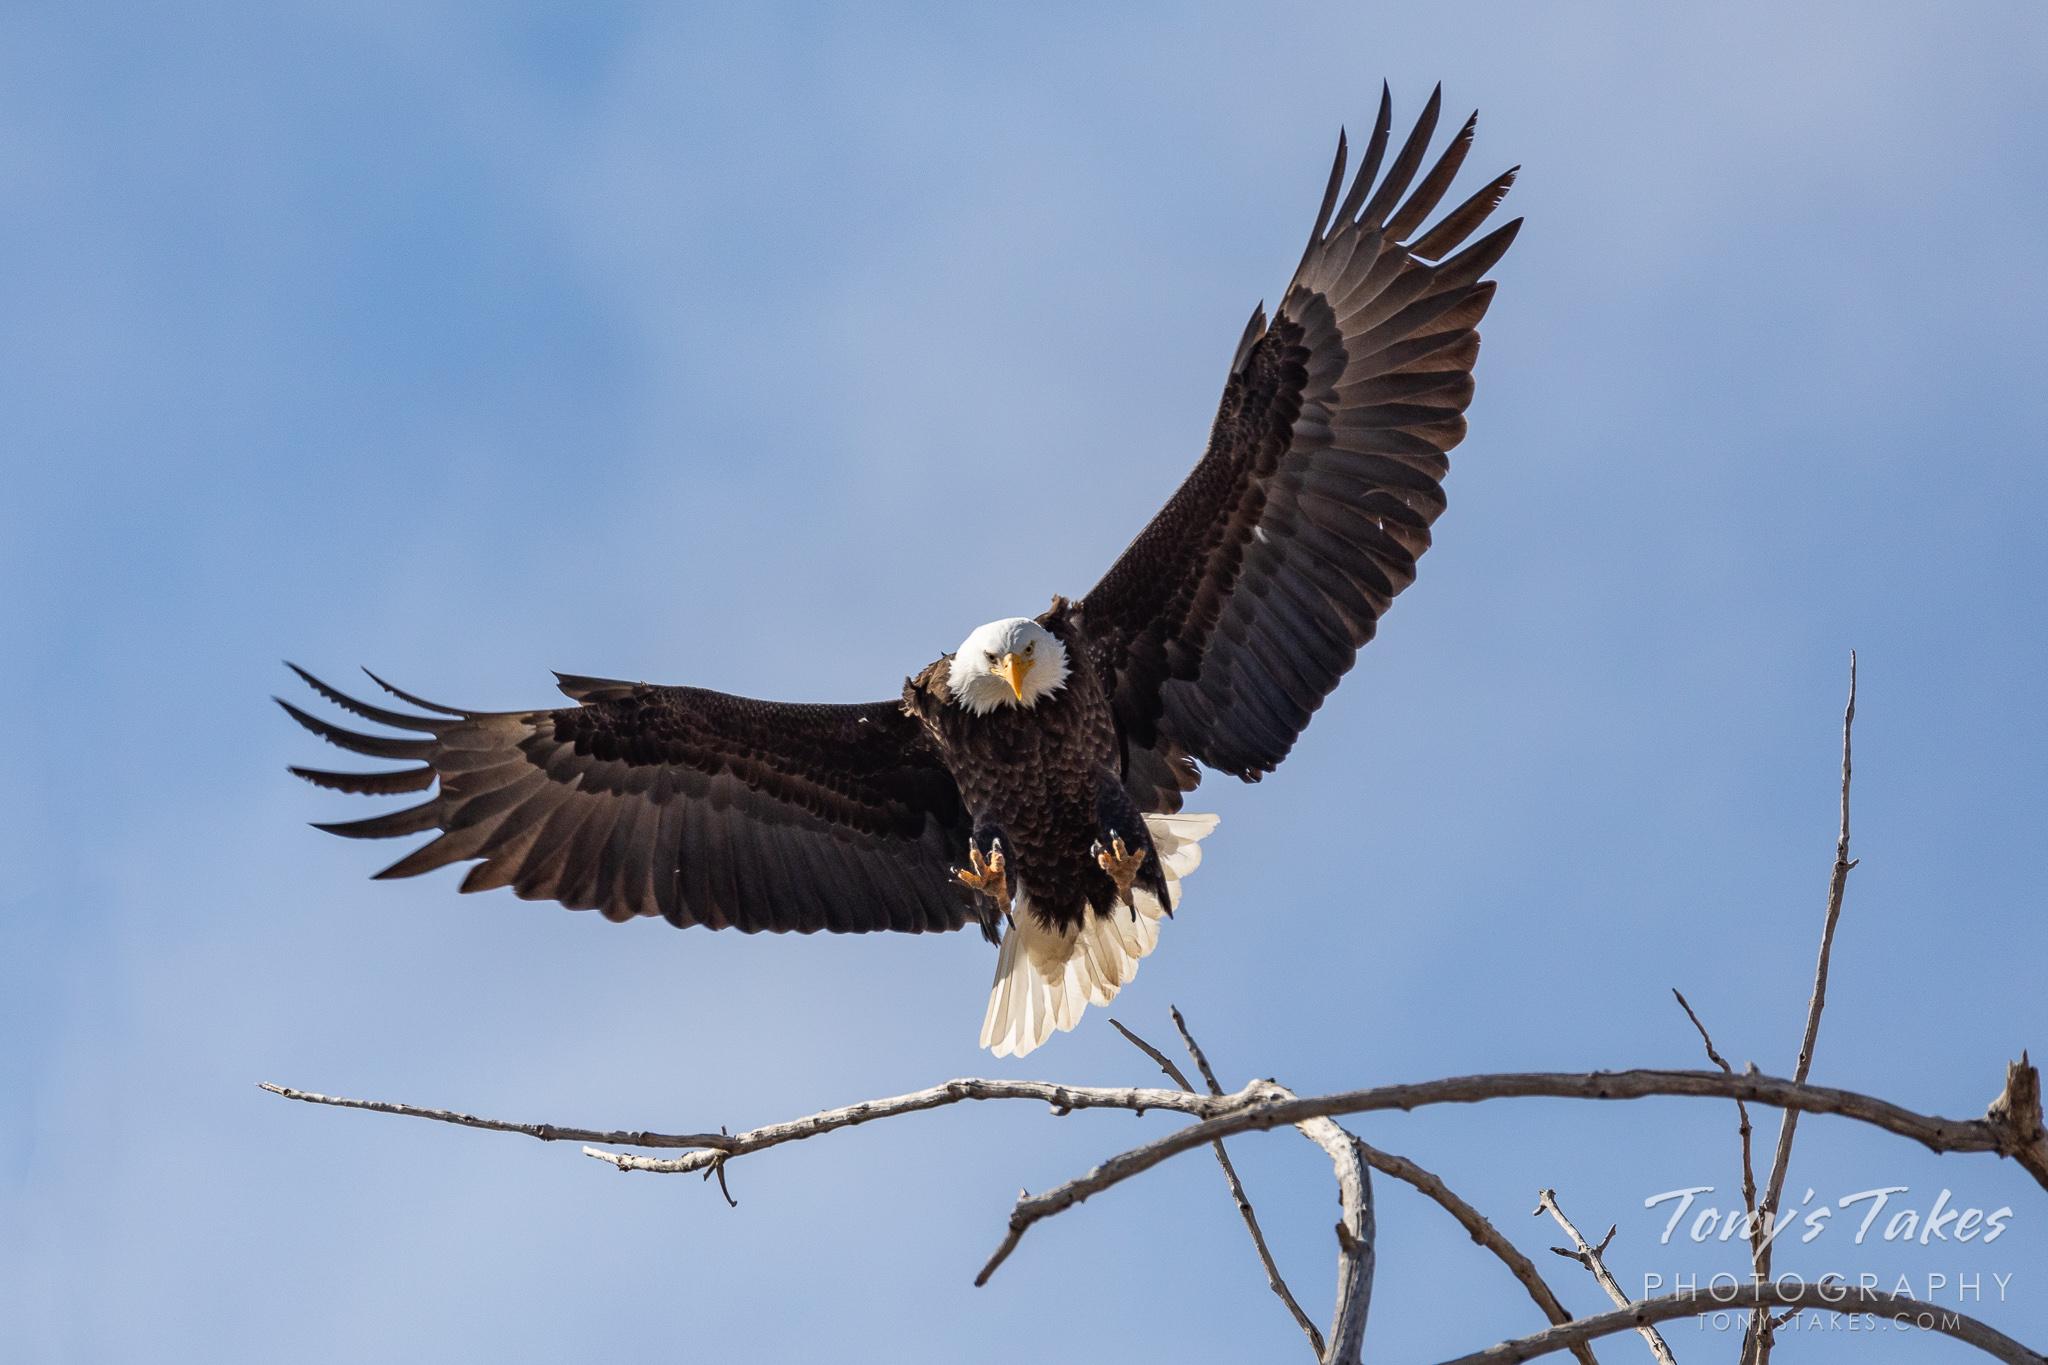 A bald eagle prepares to land in Adams County, Colorado. (© Tony's Takes)